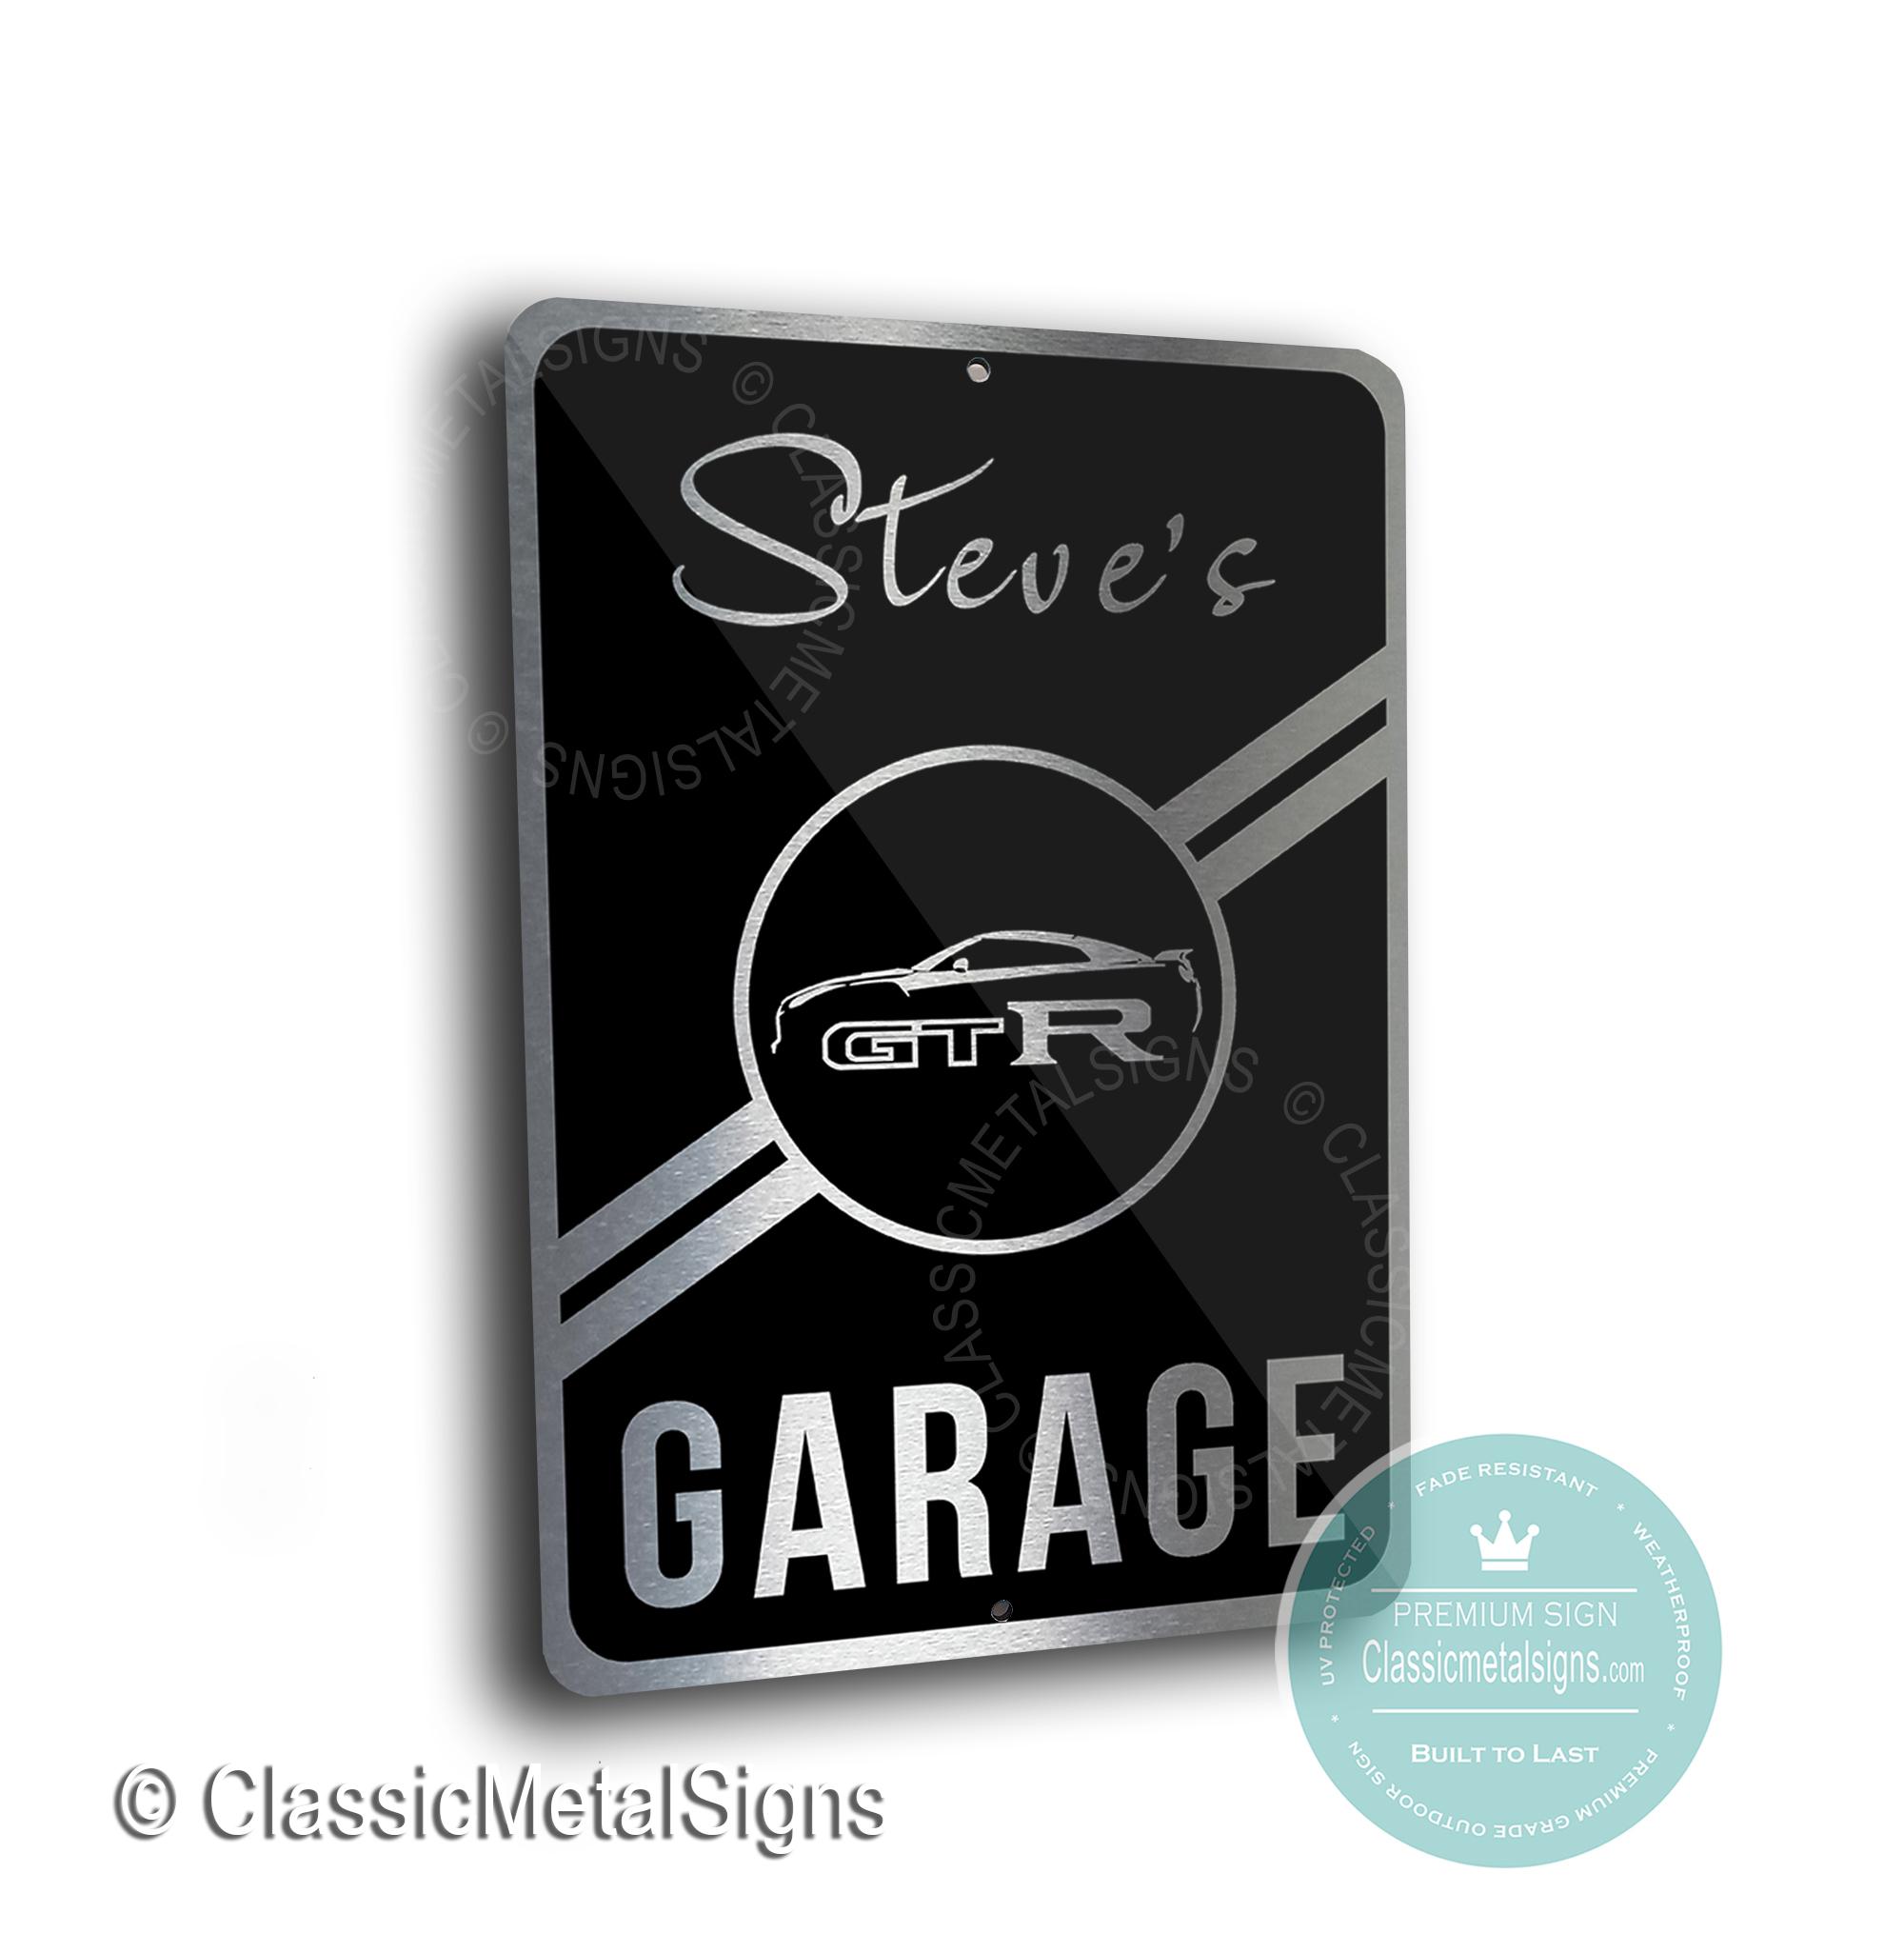 Nissan GTR Garage Signs